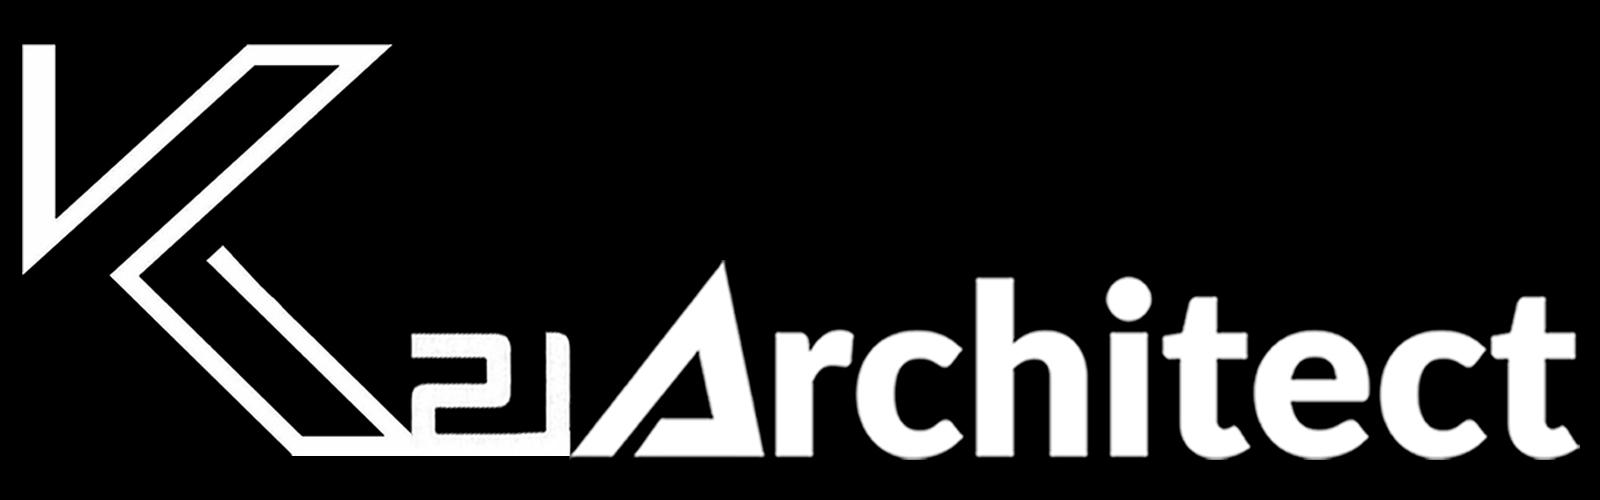 K21Architect.com – Tư Vấn, Thiết Kế Thi Công Nội Thất